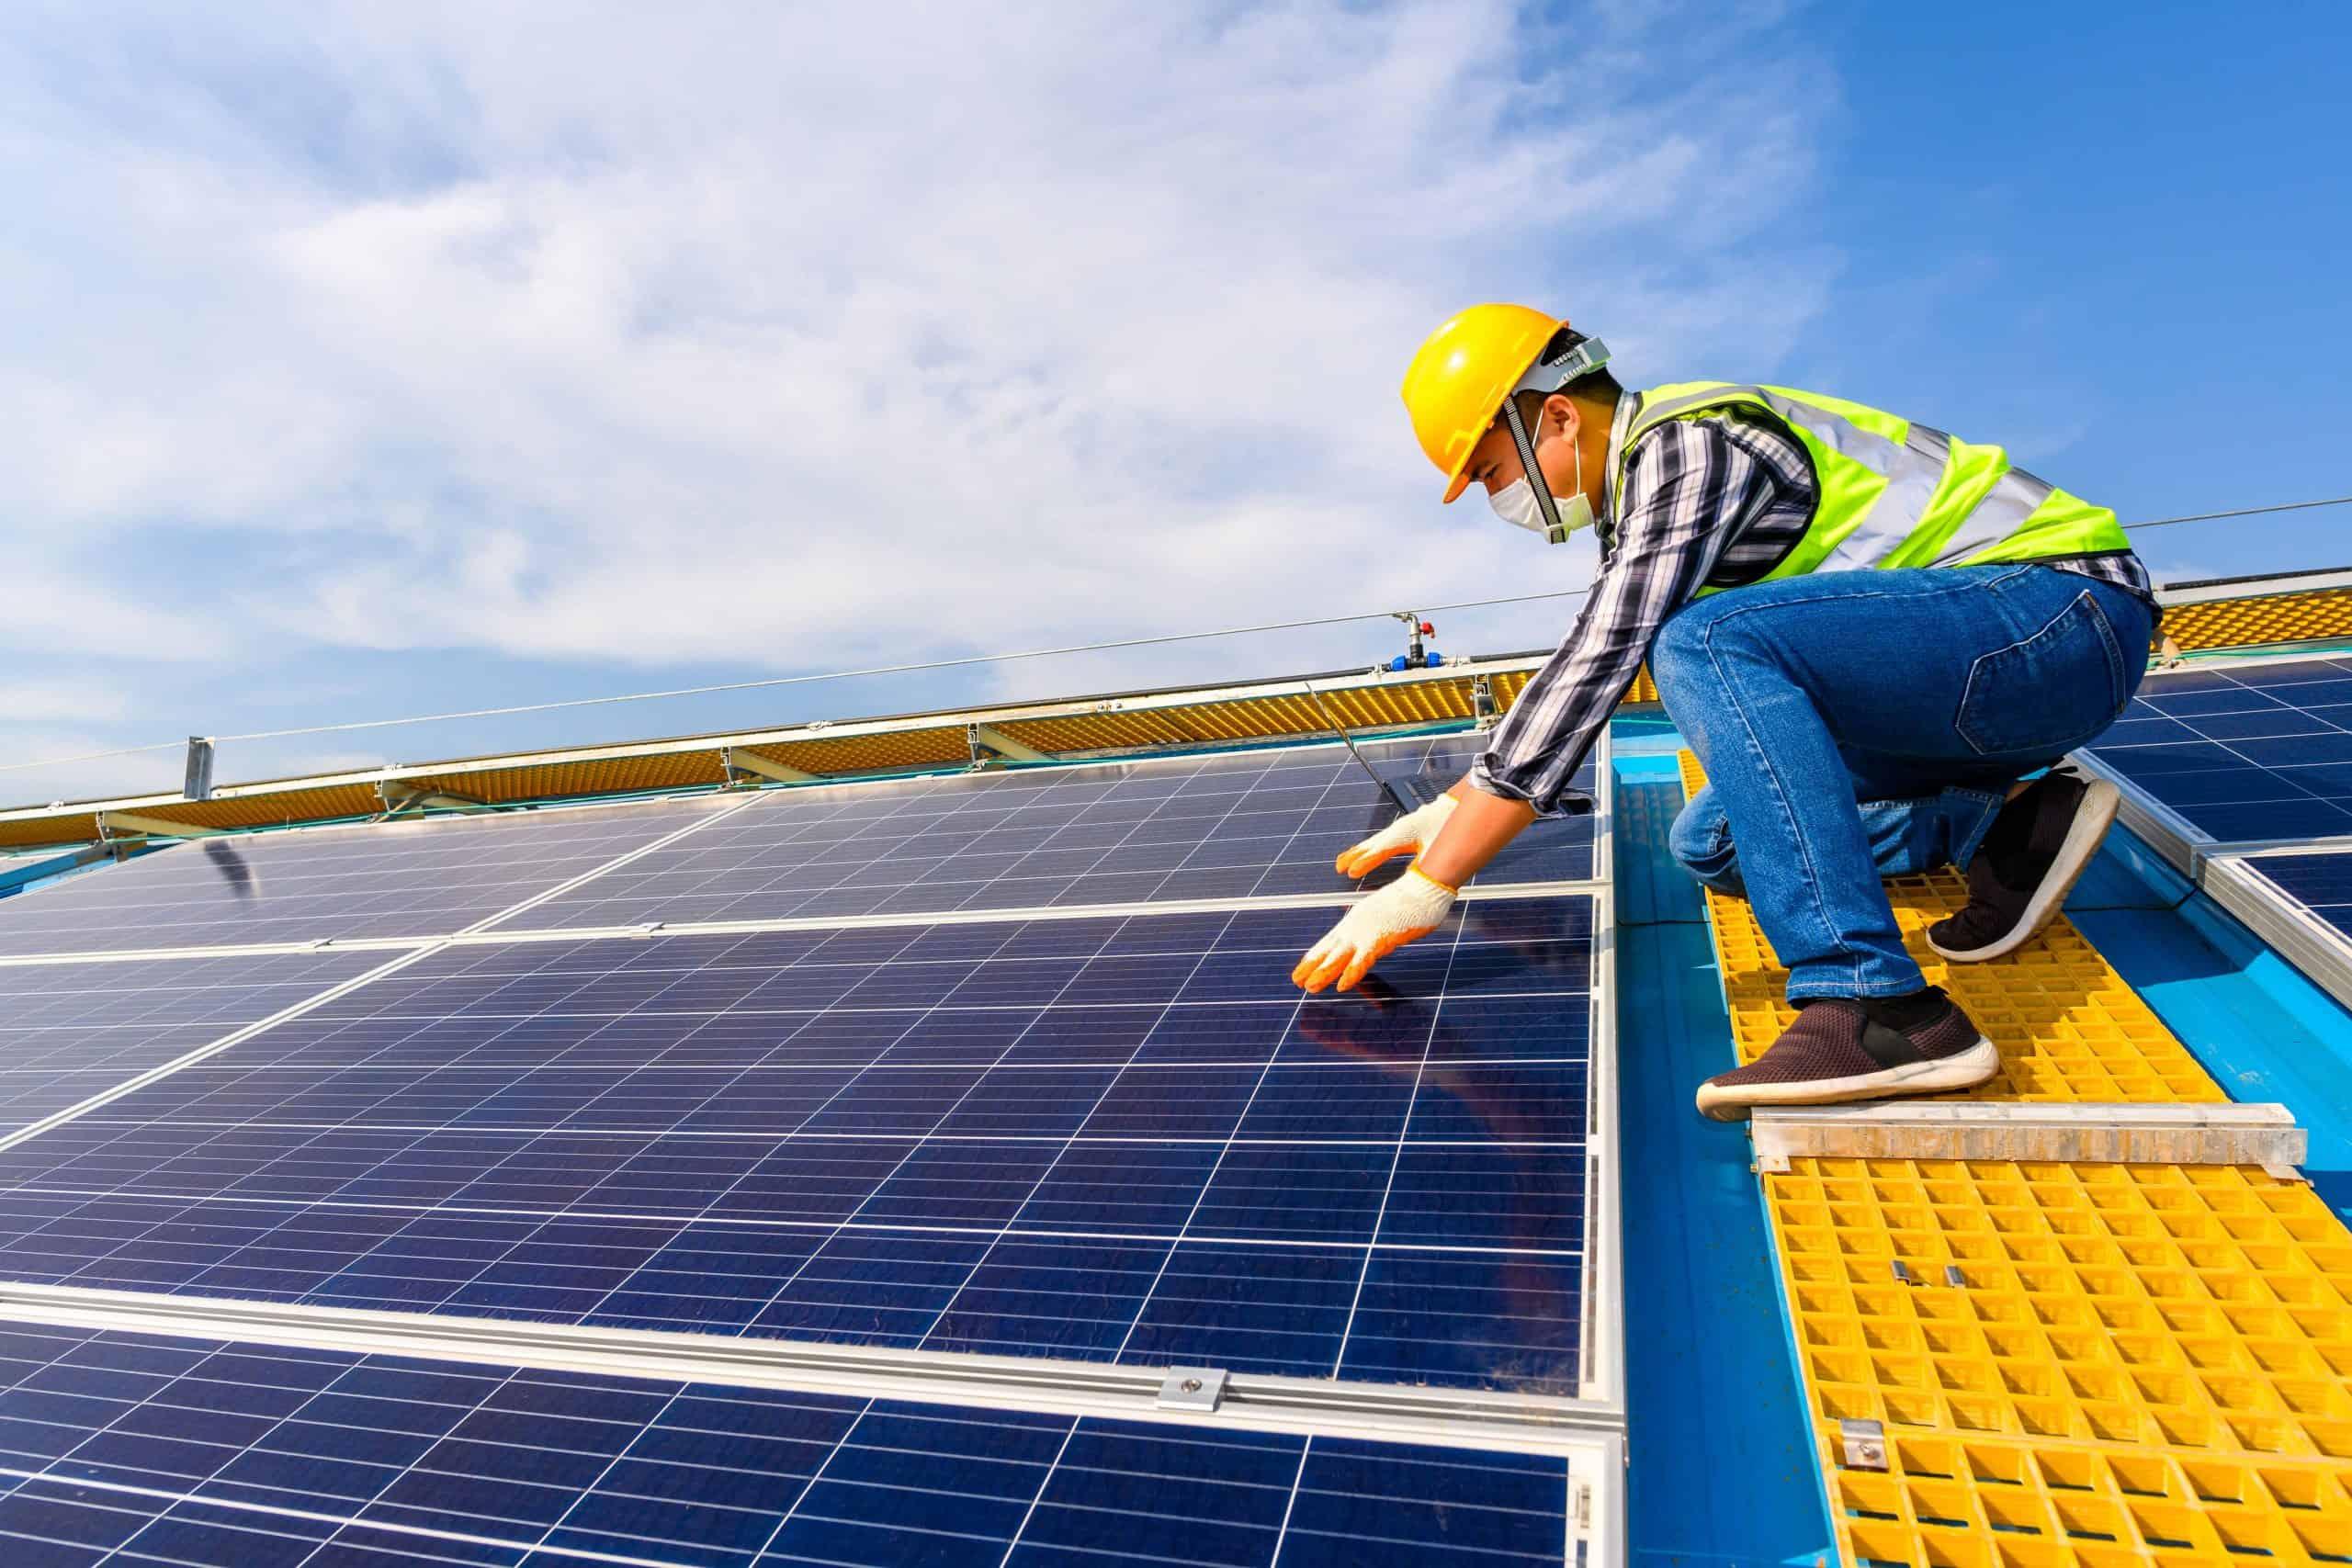 Nou în portofoliu: Instalator panouri fotovoltaice